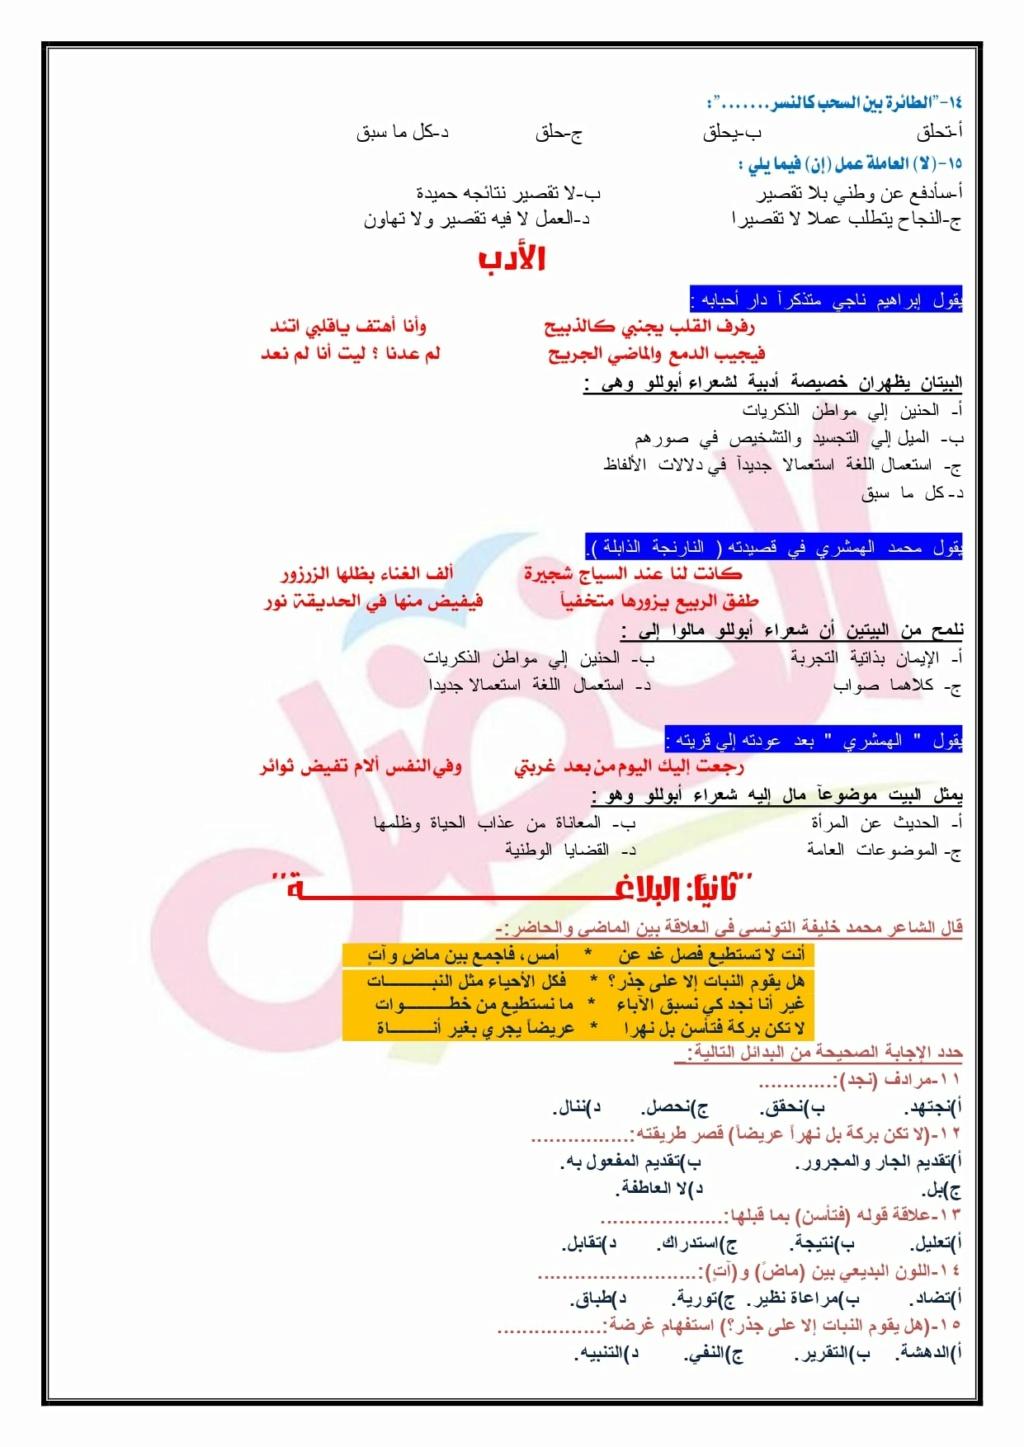 امتحان لغة عربية تدريبي للصف الثالث الثانوي 2021 أ/ محمد رفعت فضل 21985